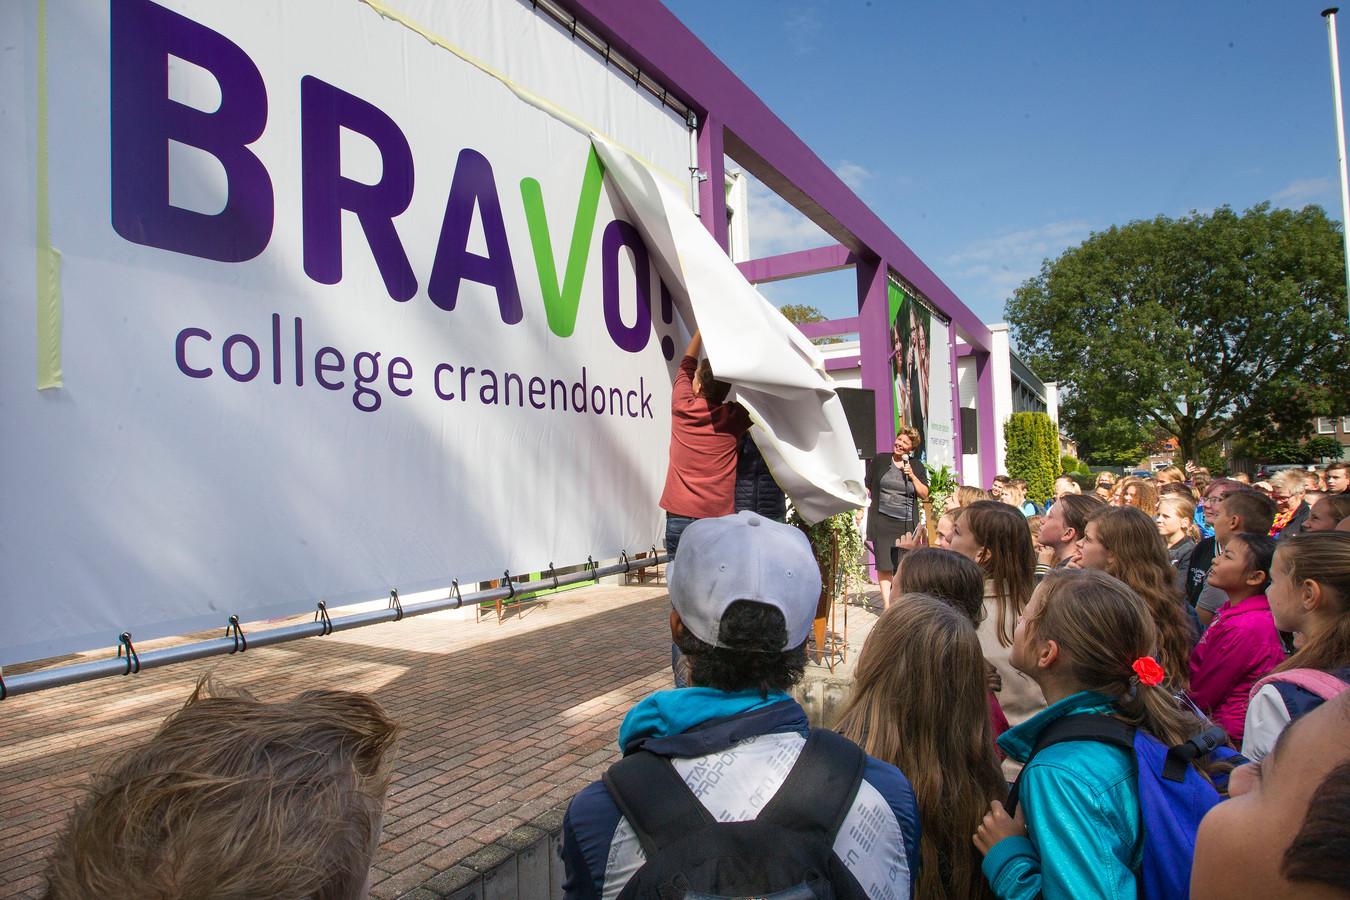 Bravo!College wil doorgroeien in Budel. Veel ouders en de politiek zijn blij als er middelbaar onderwijs in de eigen gemeente wordt aangeboden.